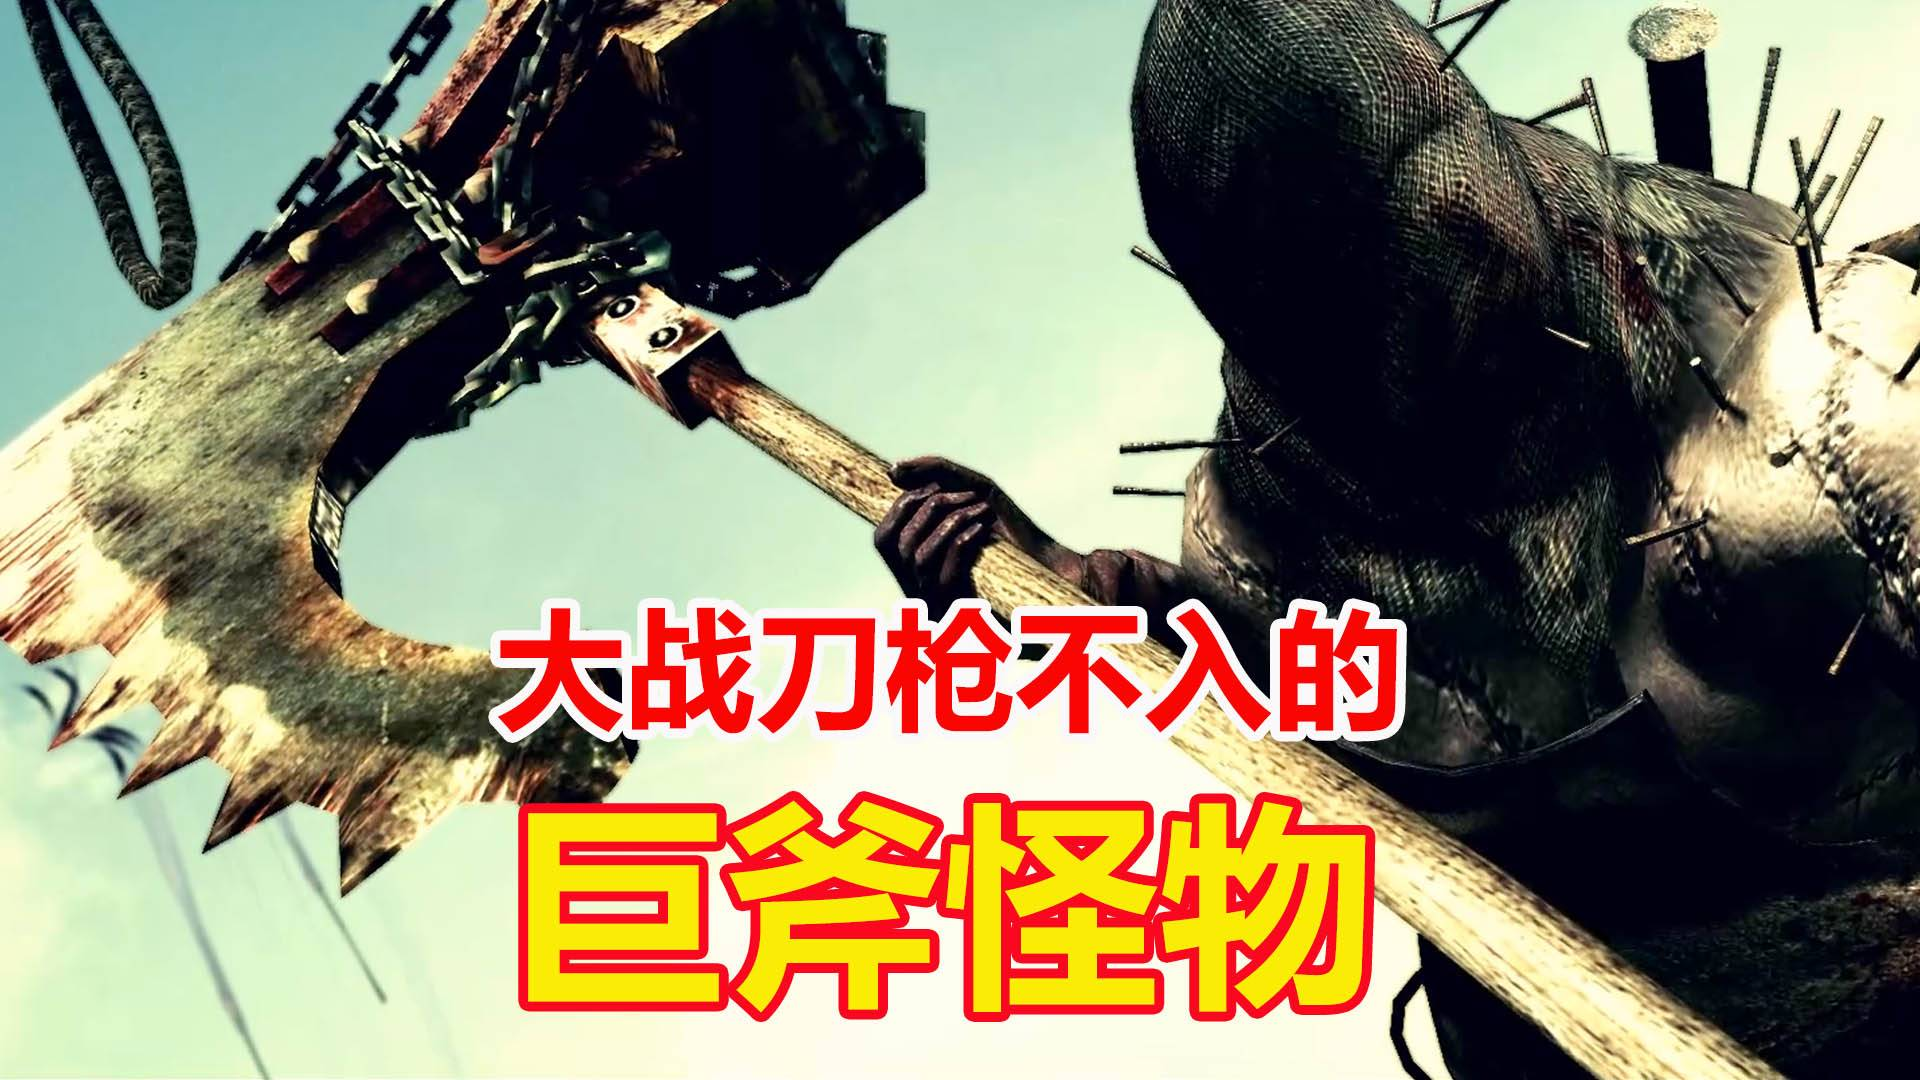 """生化危机5:恐怖!刚到非洲,就大战""""巨斧怪物"""",让人惊慌失措"""